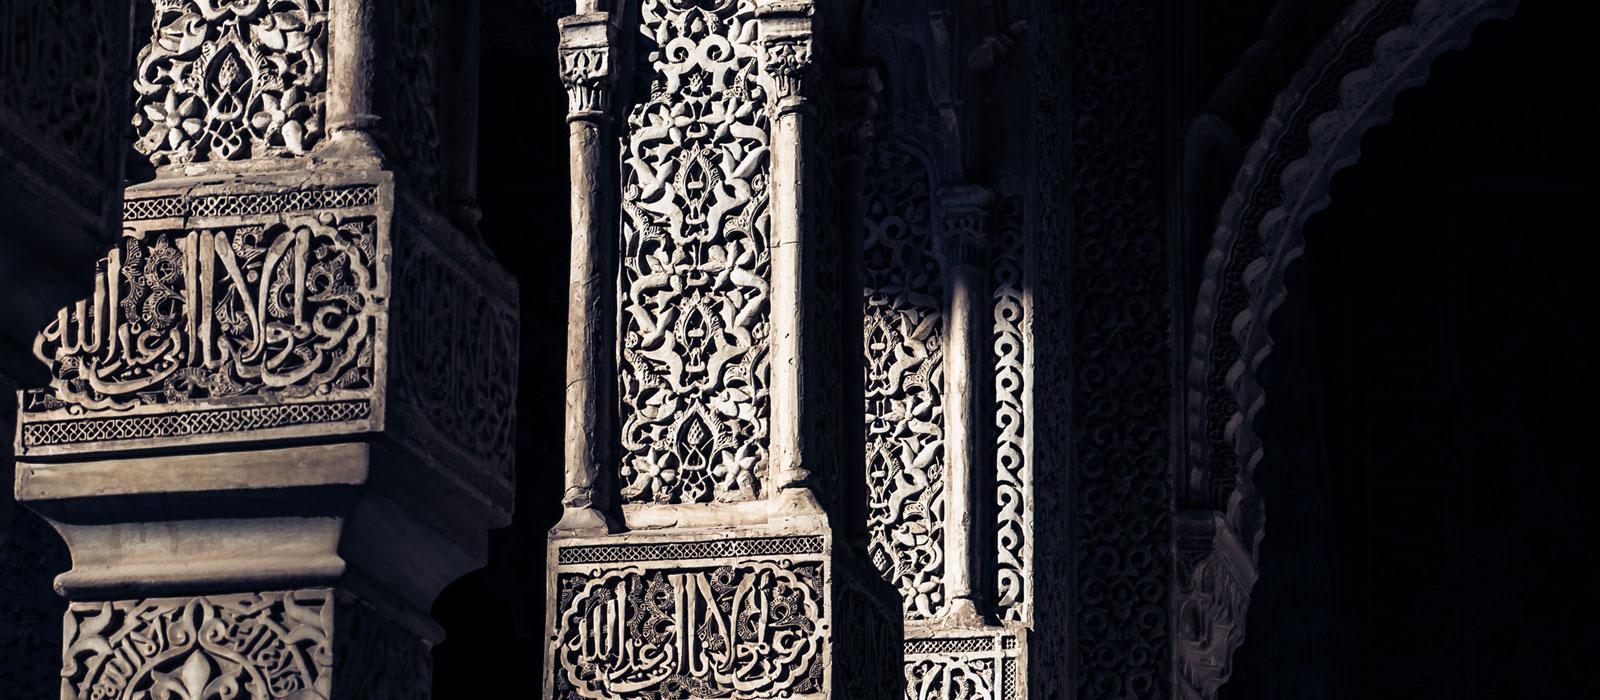 Бывший сторонник ККК: Как я стал Мусульманином (Часть 1)